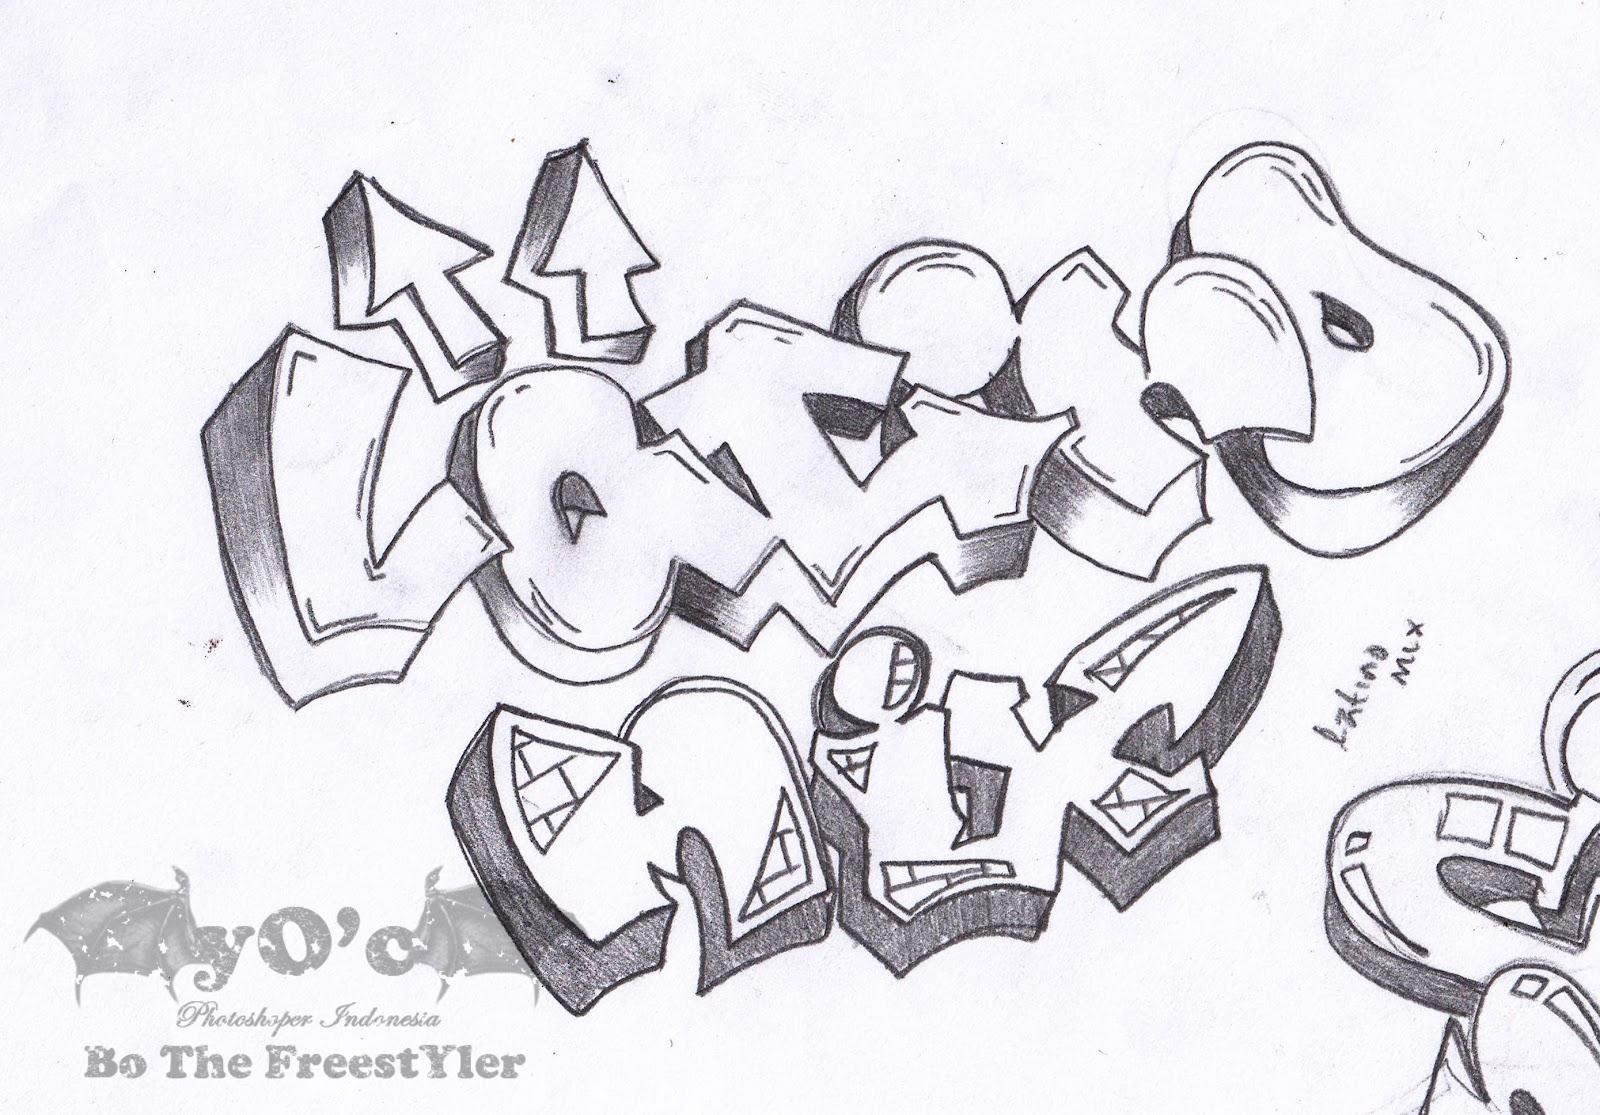 78 Gambar Sketsa Graffiti Alphabet Terbaru Duniasket